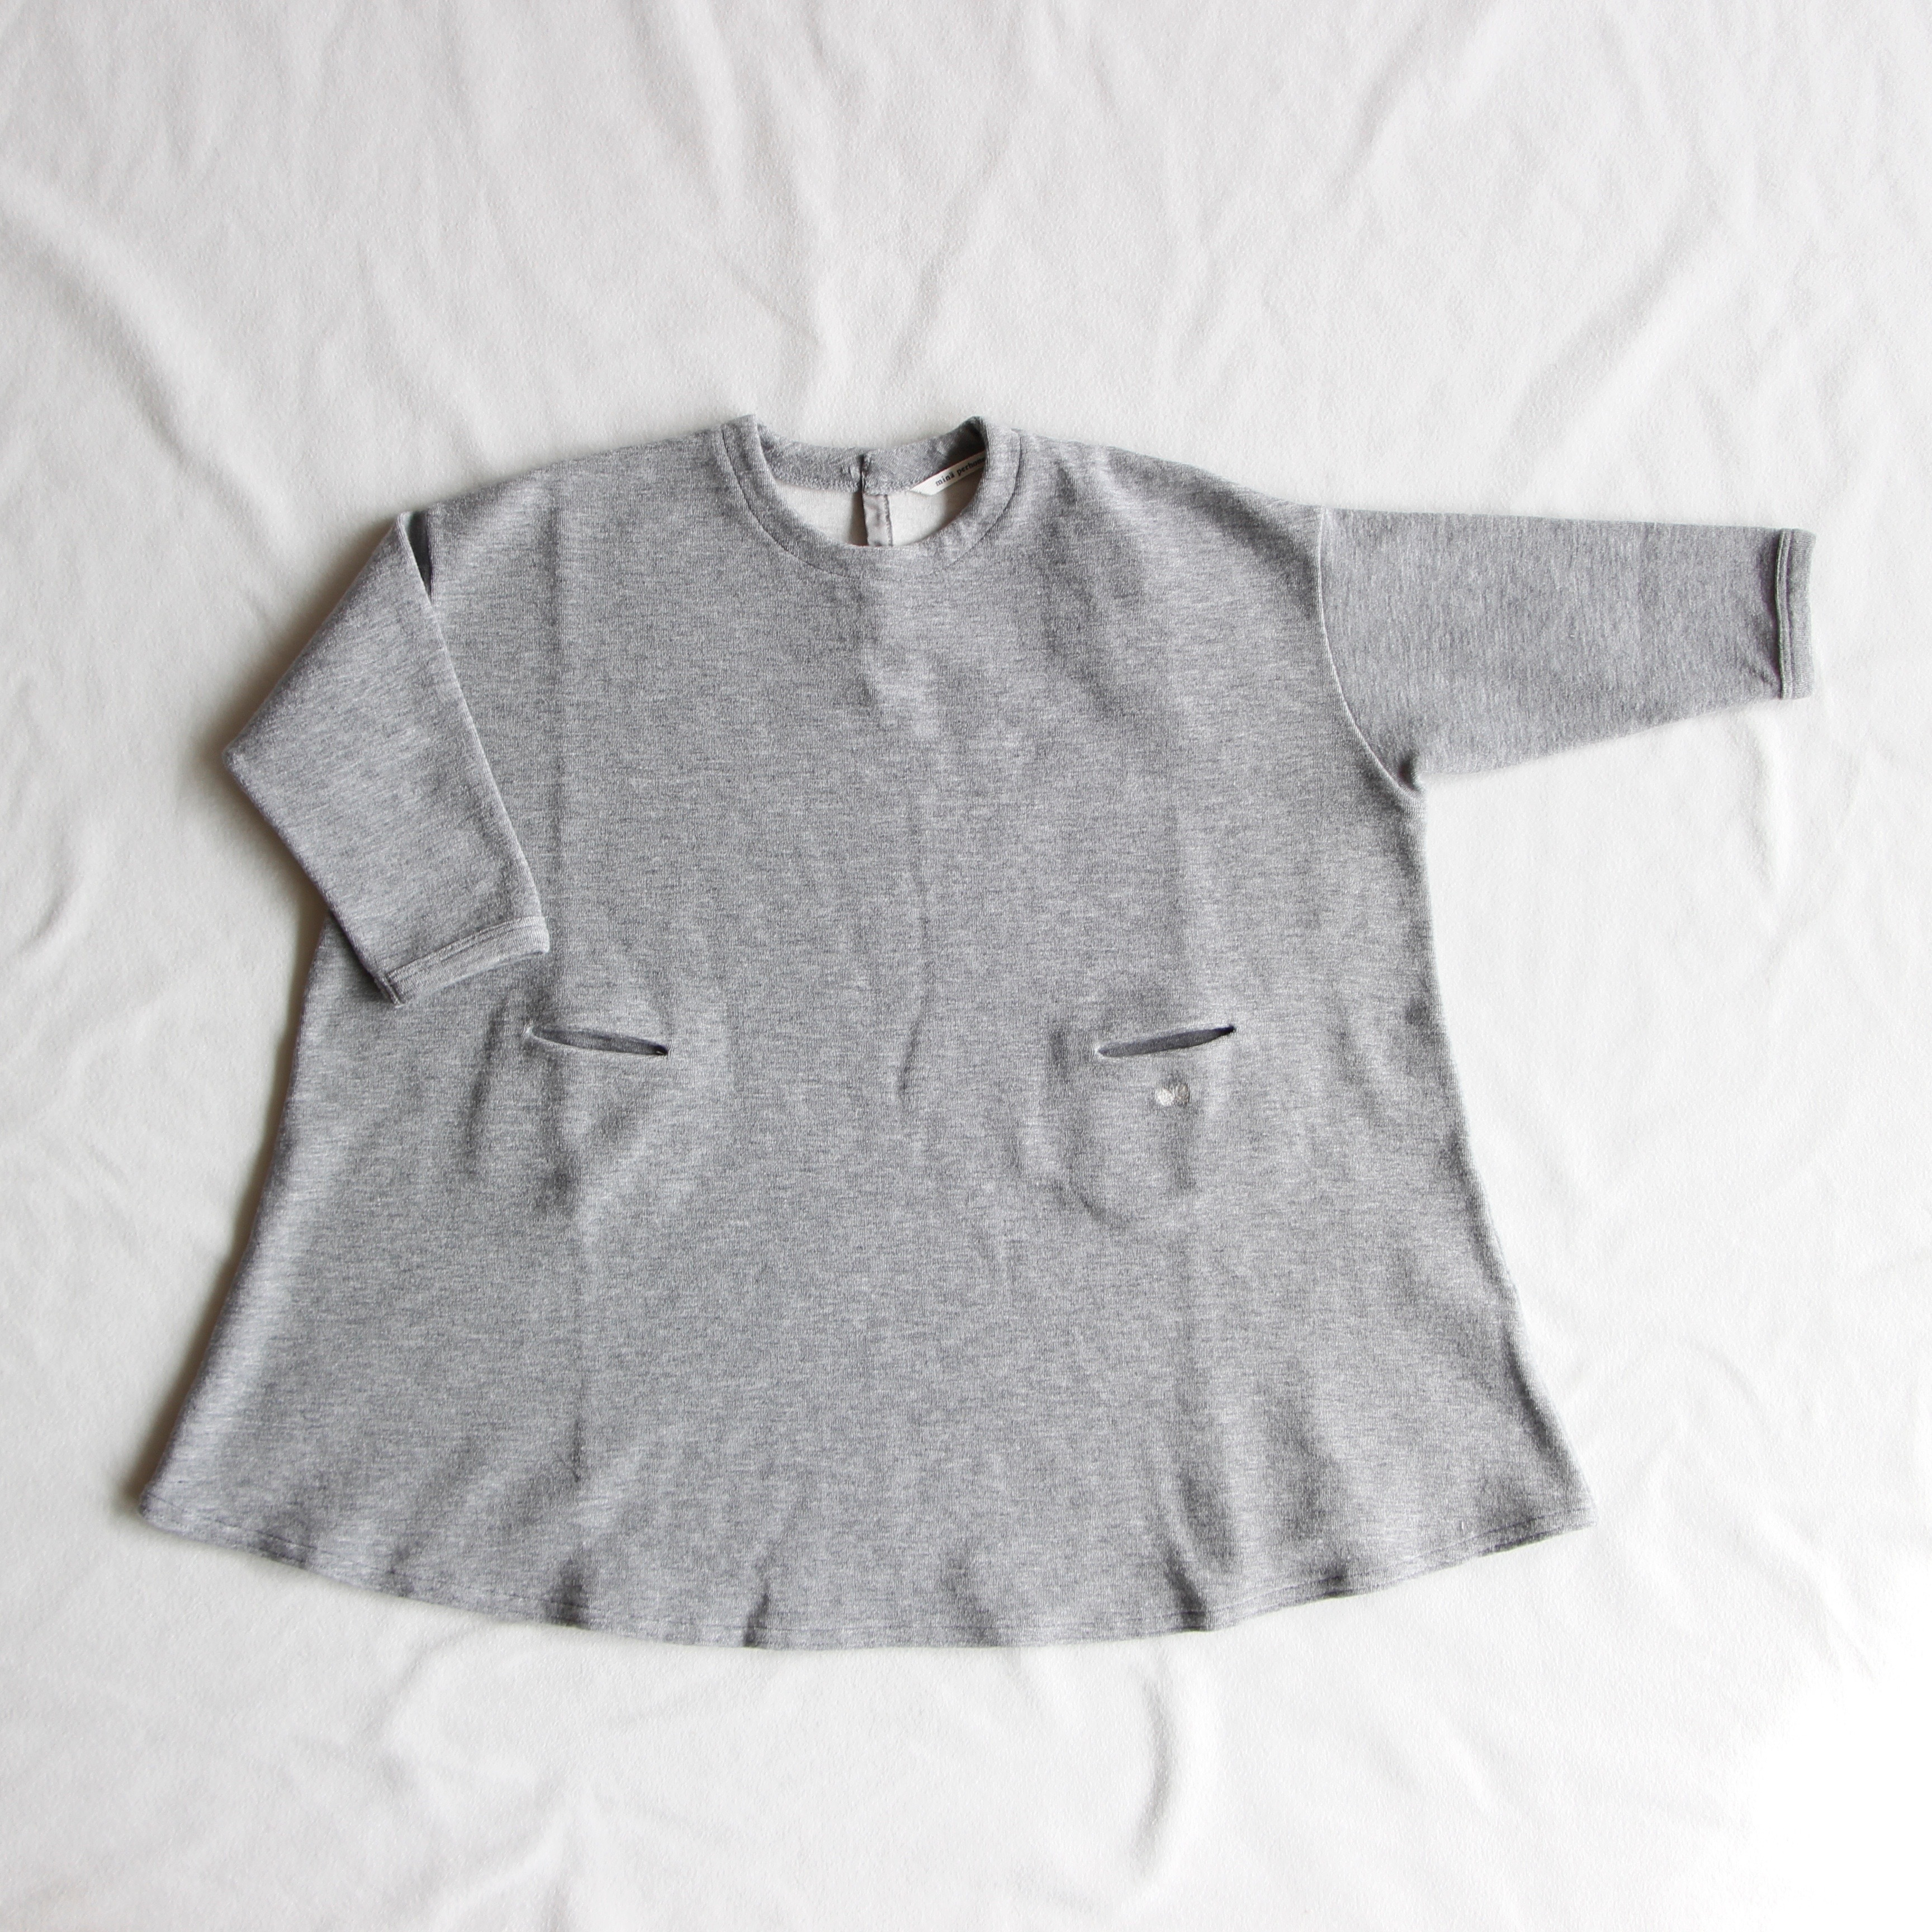 《mina perhonen 2017AW》lanugo ワンピース / gray / 110-130cm